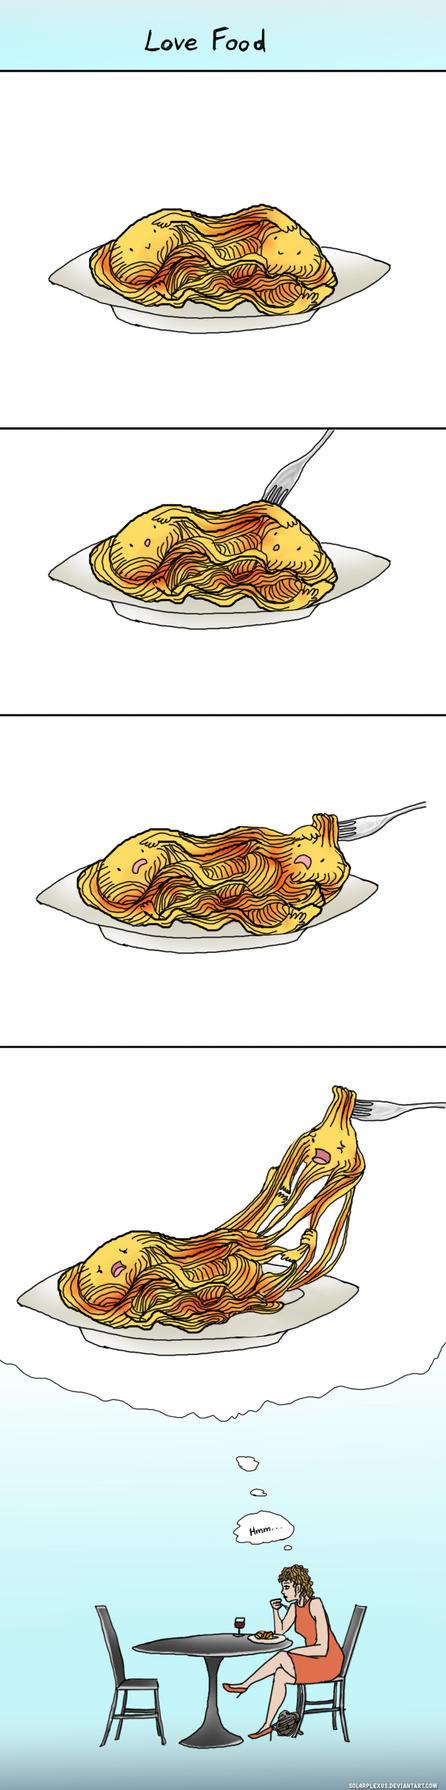 Spaghetti by Sol4rpleXus